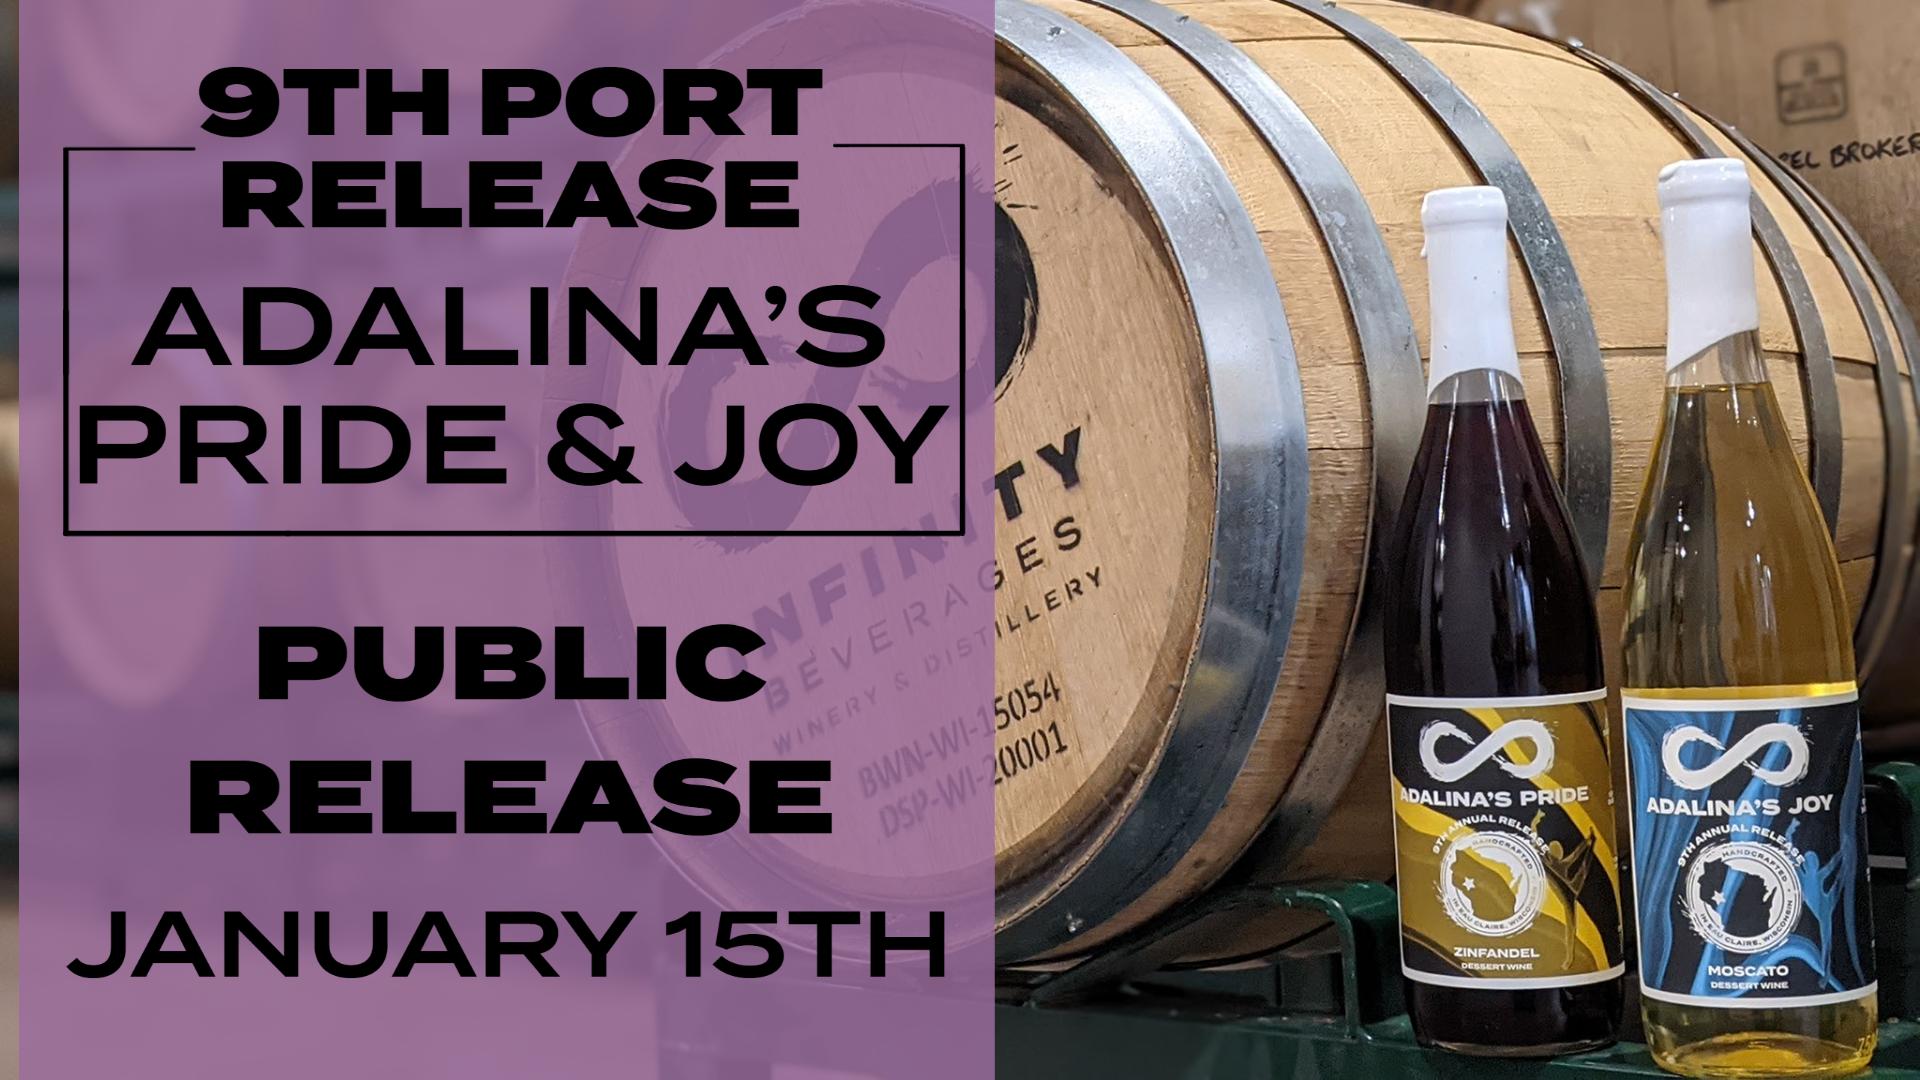 Adalina's Pride & Joy 9th Public Release